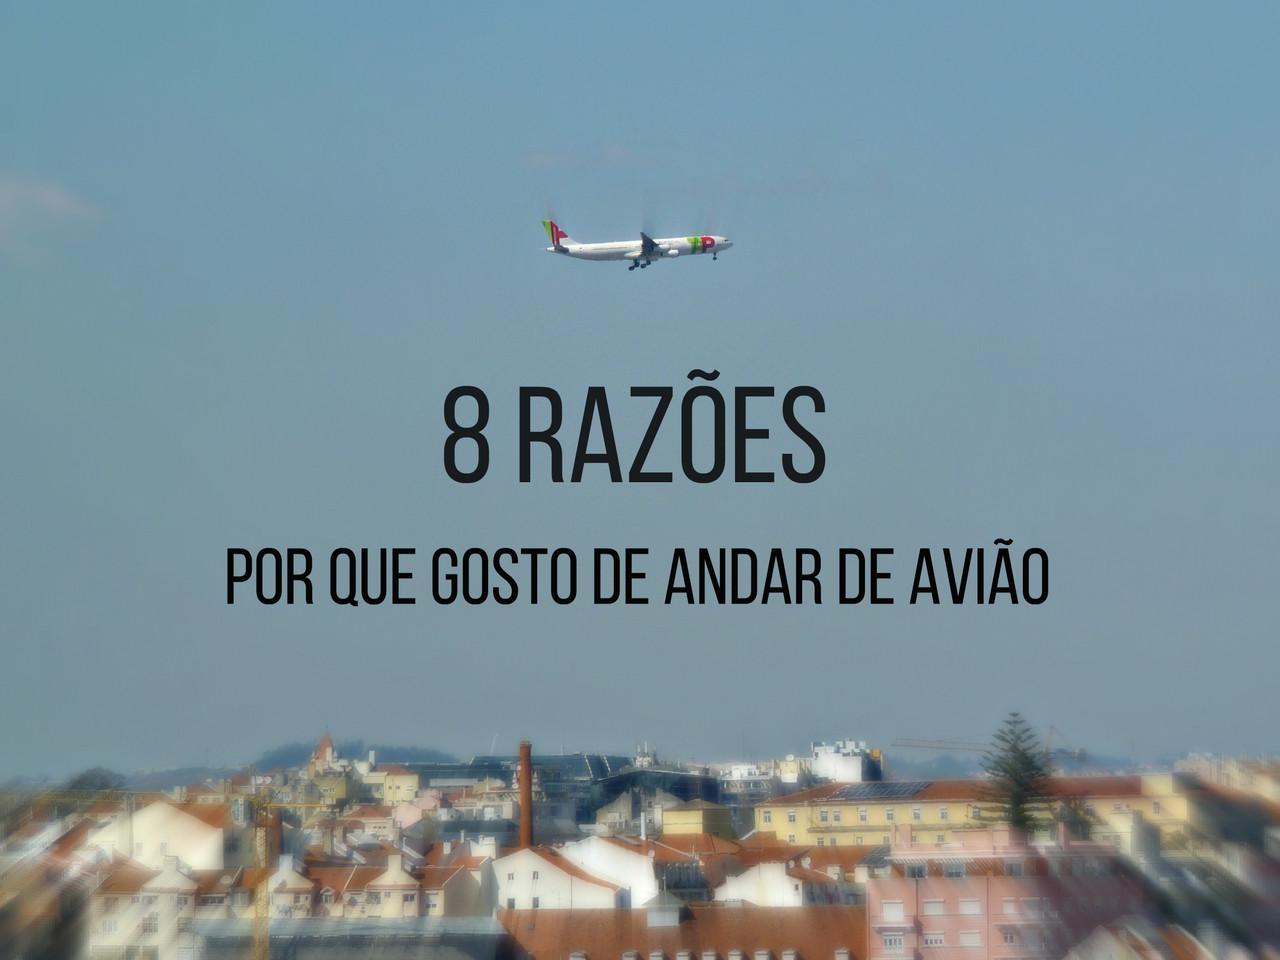 8 razões por que gosto de andar de avião.jpg